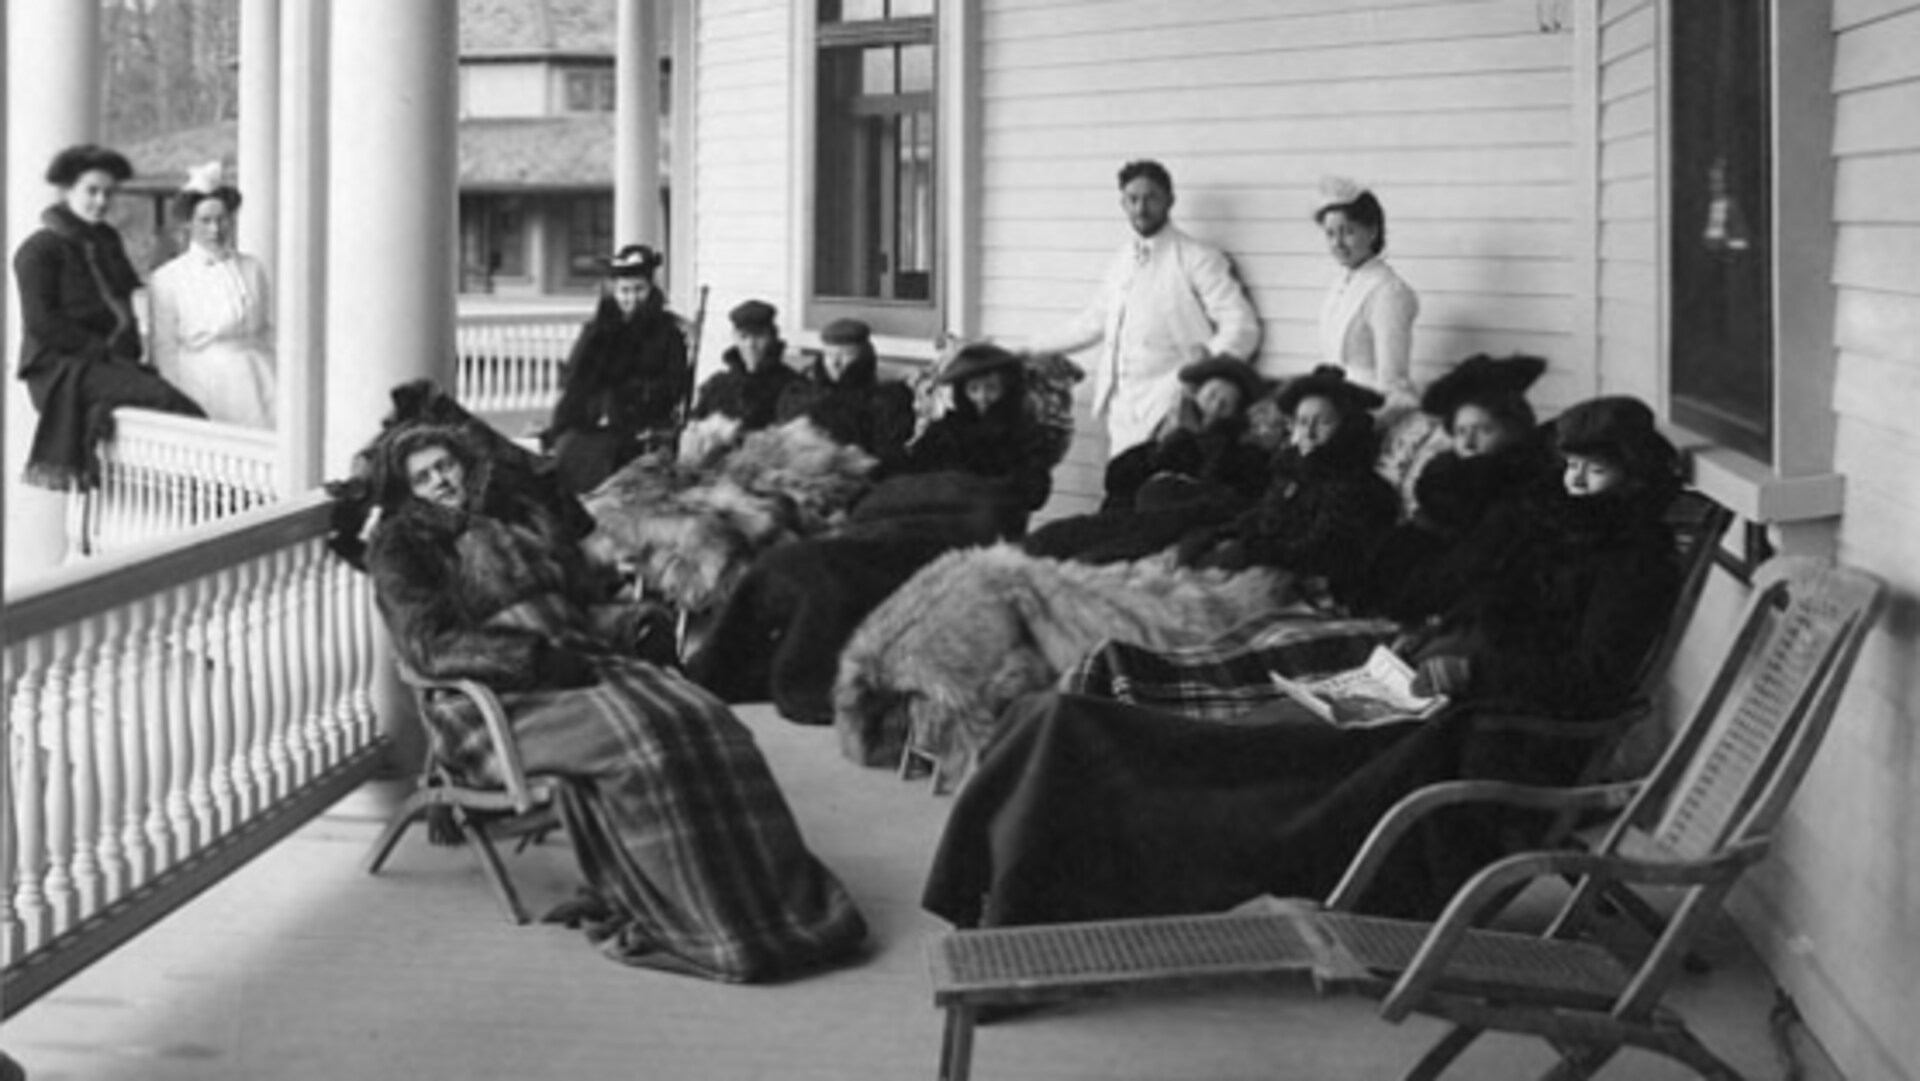 Des patients en cure soigneusement emmitouflés dans de luxueuses fourrures prennent de l'air sur la galerie d'un vaste cottage.